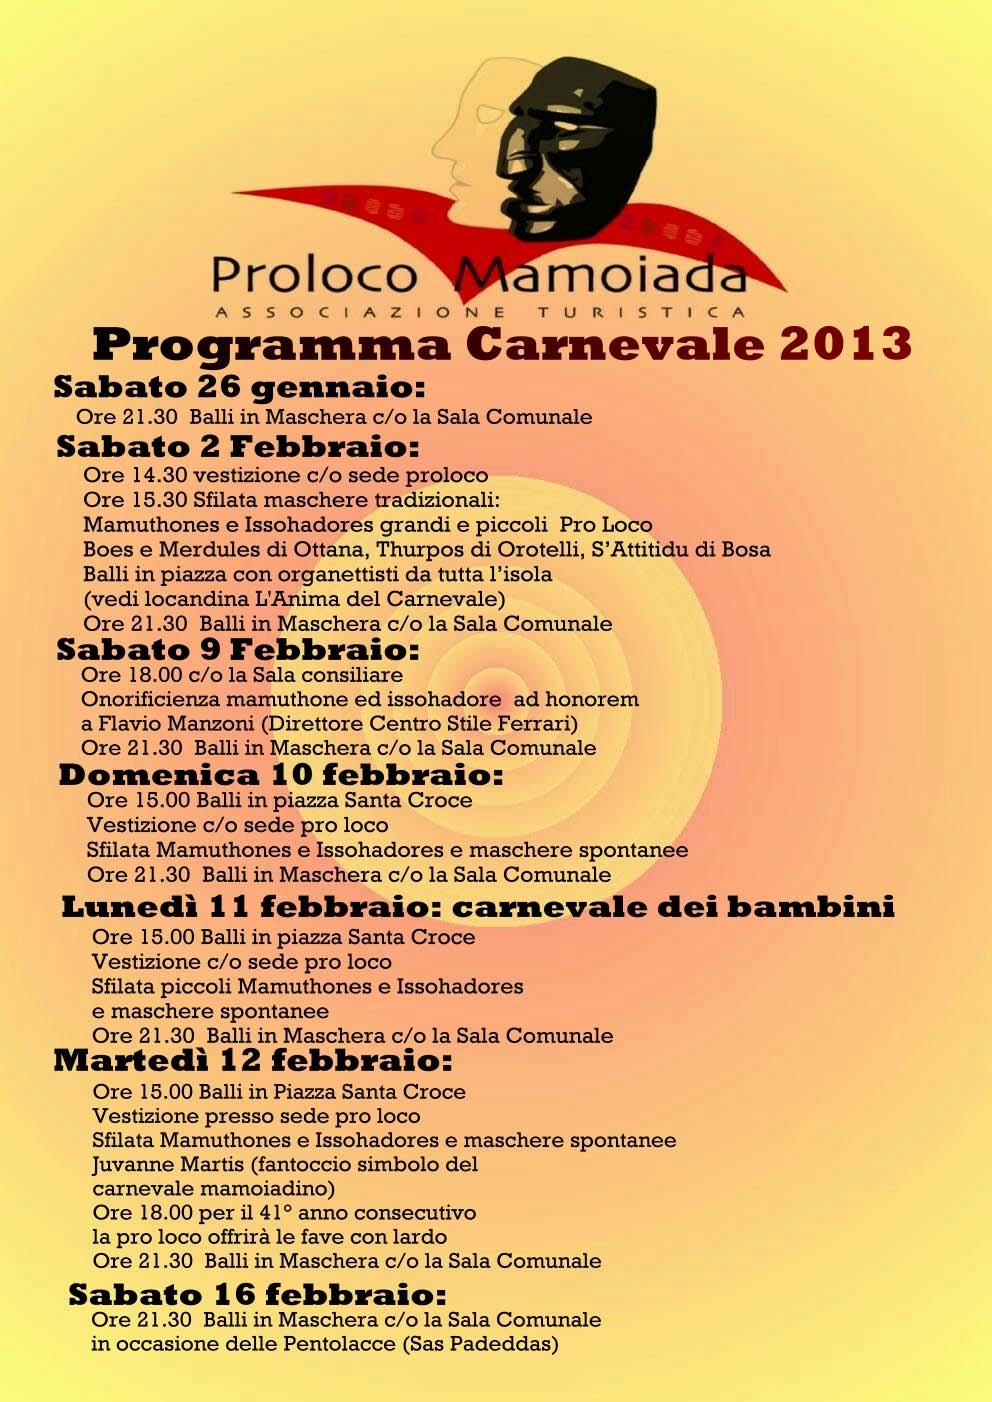 Programma completo Mamoiada 2013, tutti gli eventi.